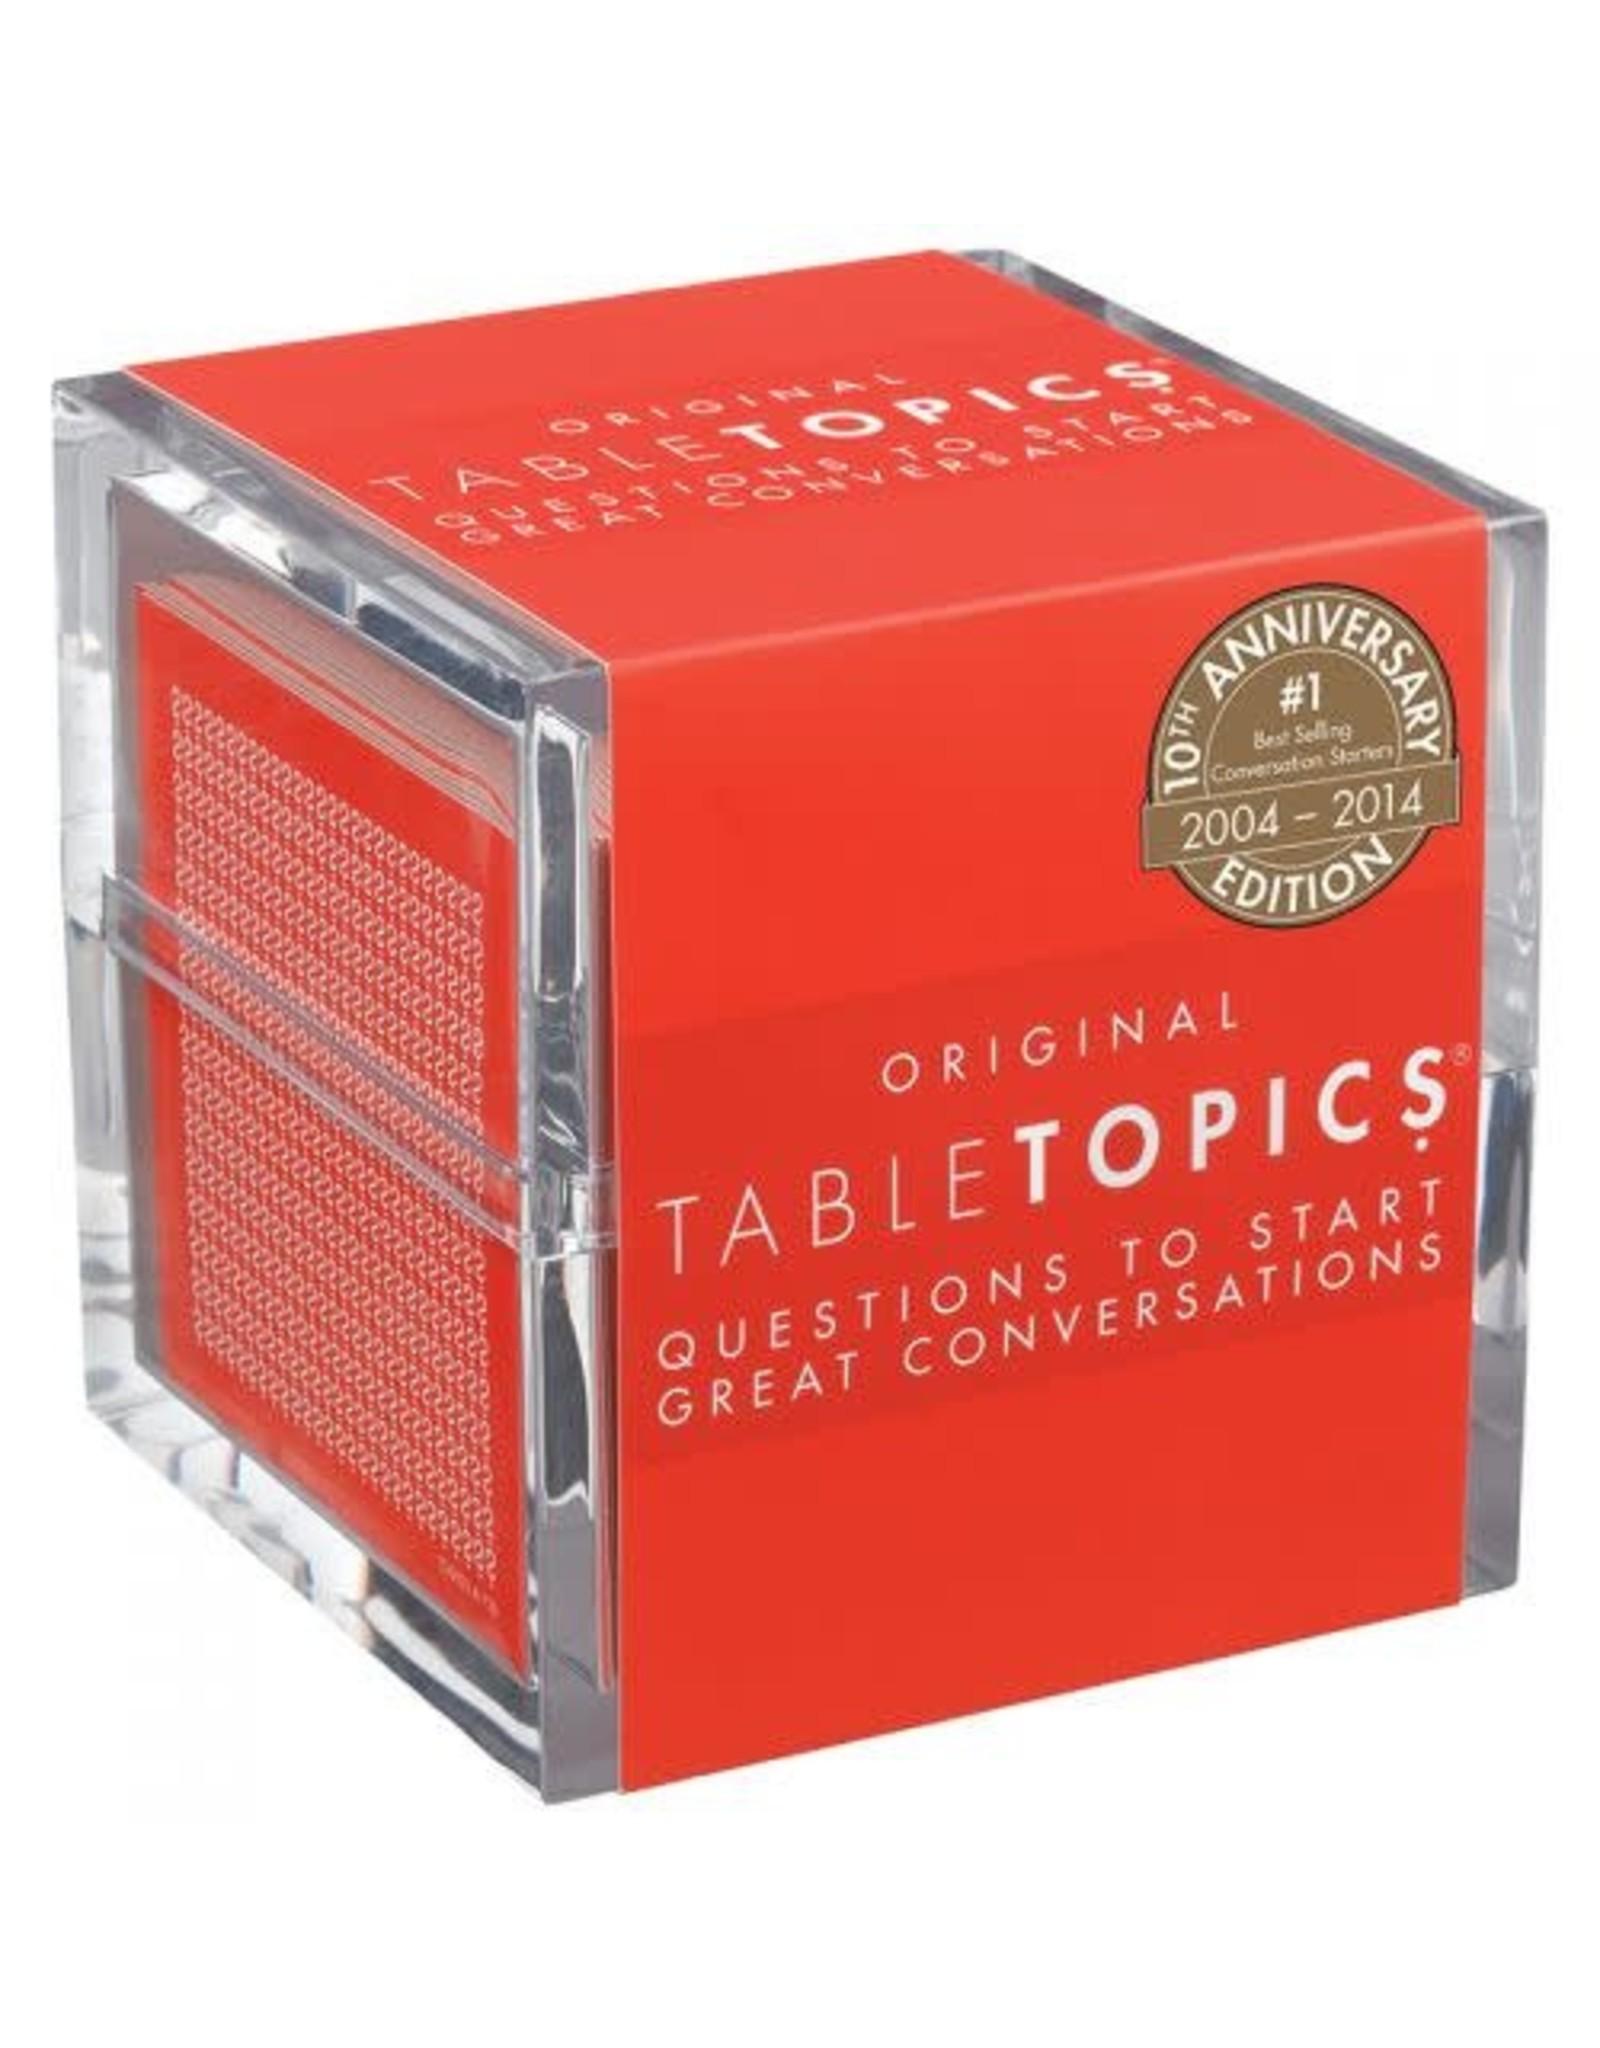 Tabletopics ORIGINAL TABLE TOPICS